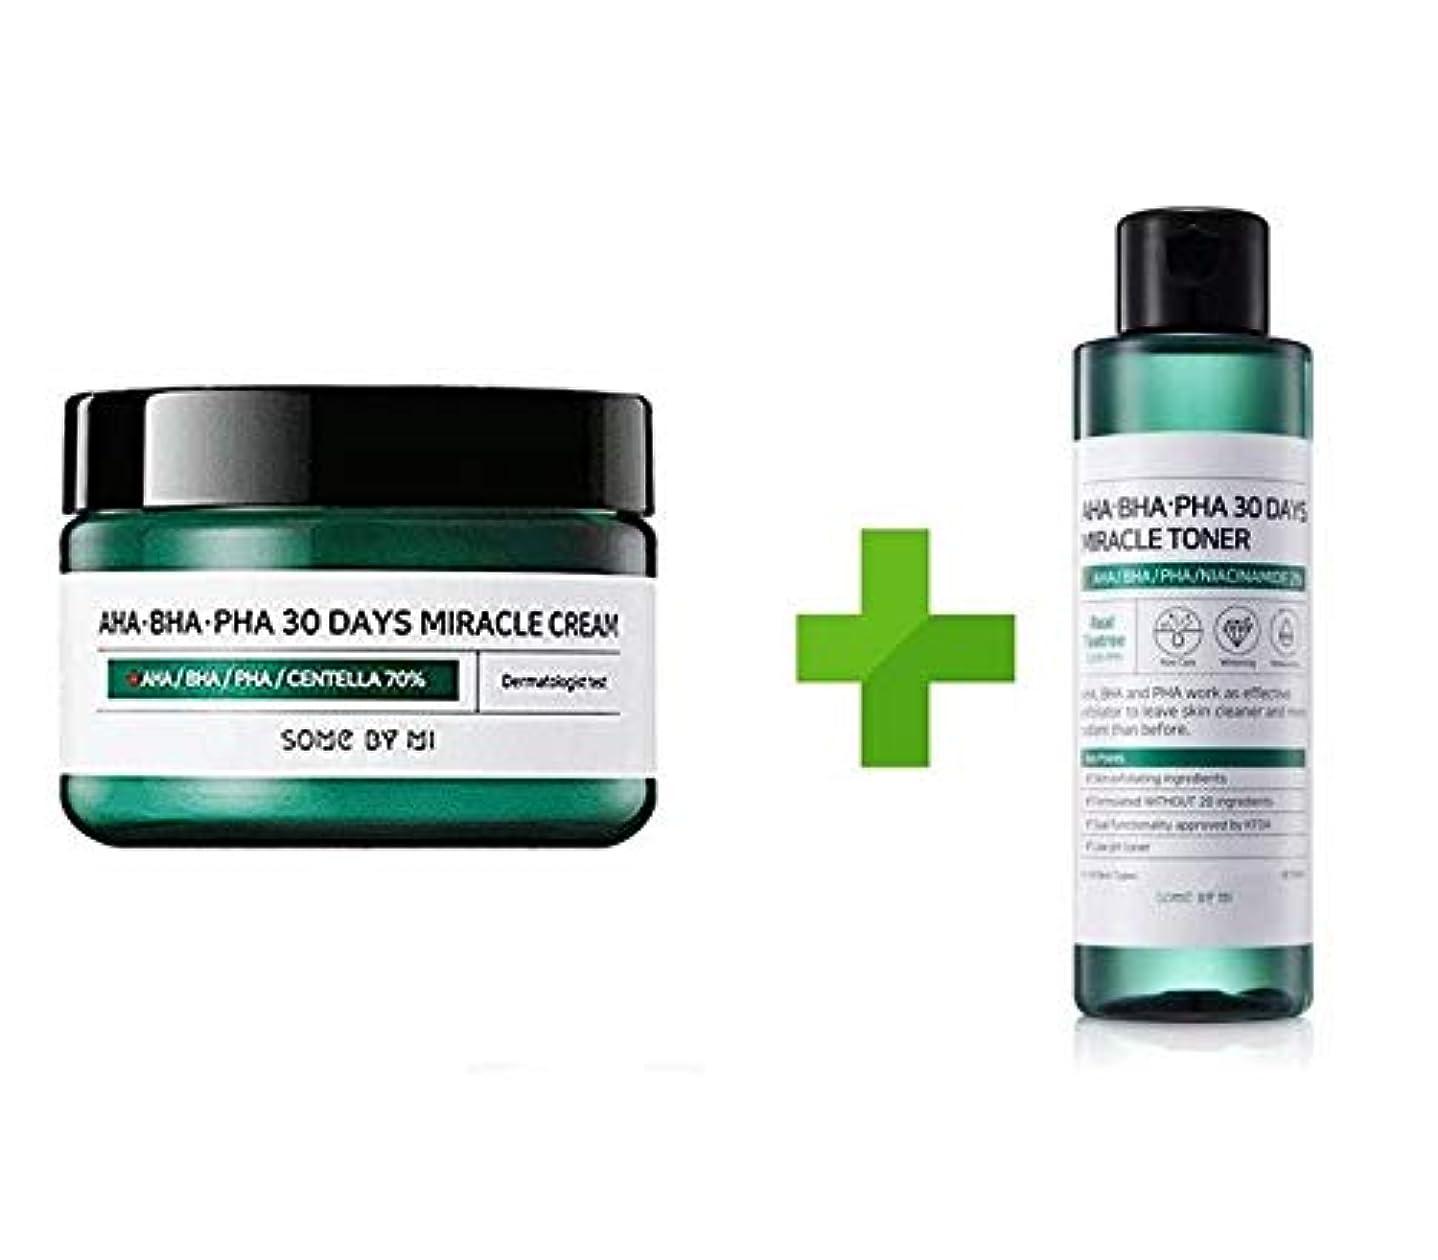 省珍味酸Somebymi AHA BHA PHA Miracle Cream (50ml + Toner 150ml)Skin Barrier & Recovery, Soothing with Tea Tree 10,000ppm...